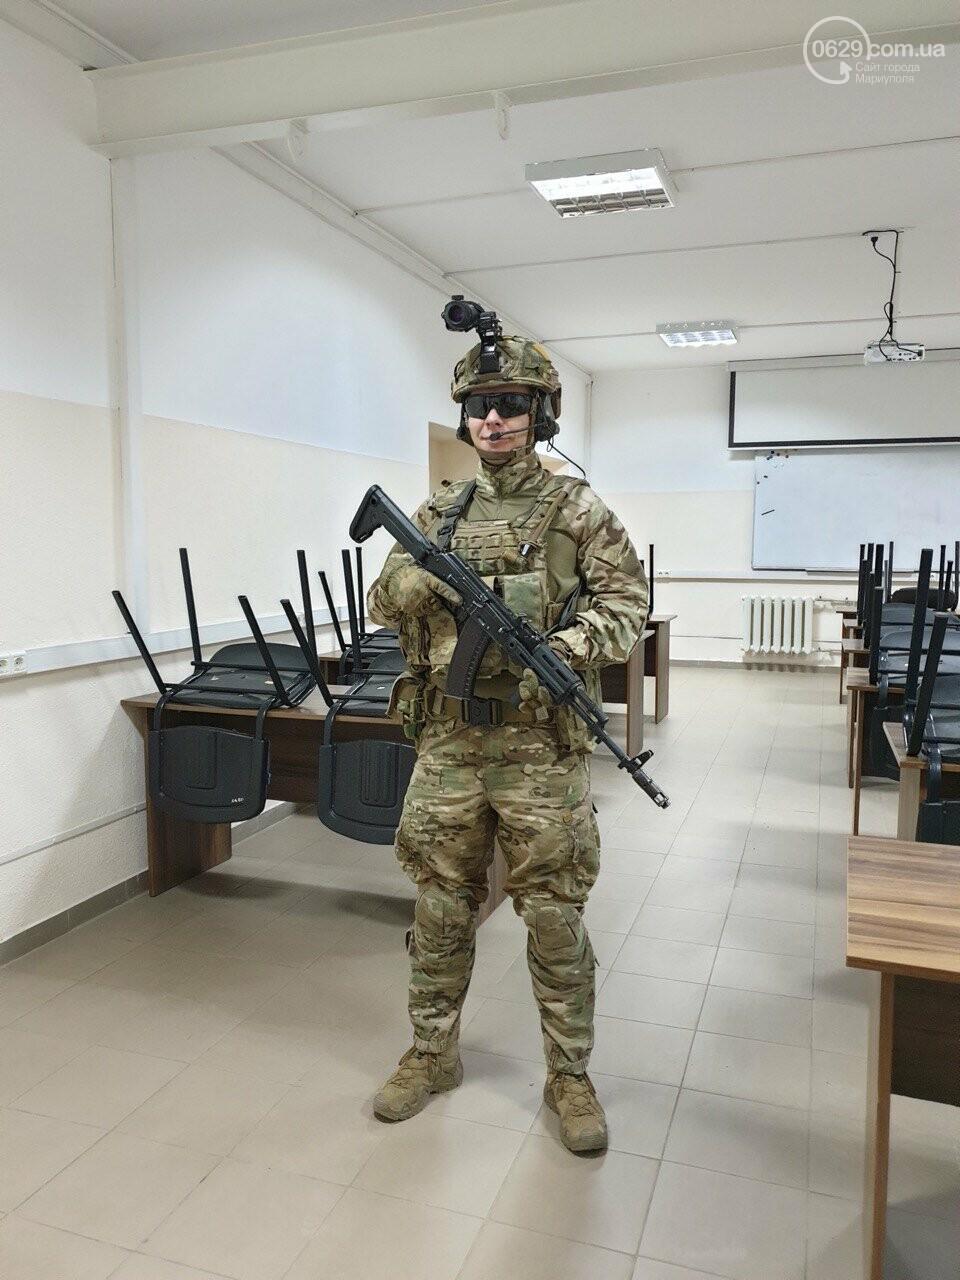 Прямой выстрел. Как боец Нацгвардии в  Мариуполе создал милитари-видеоблог, - ФОТО+ВИДЕО, фото-3